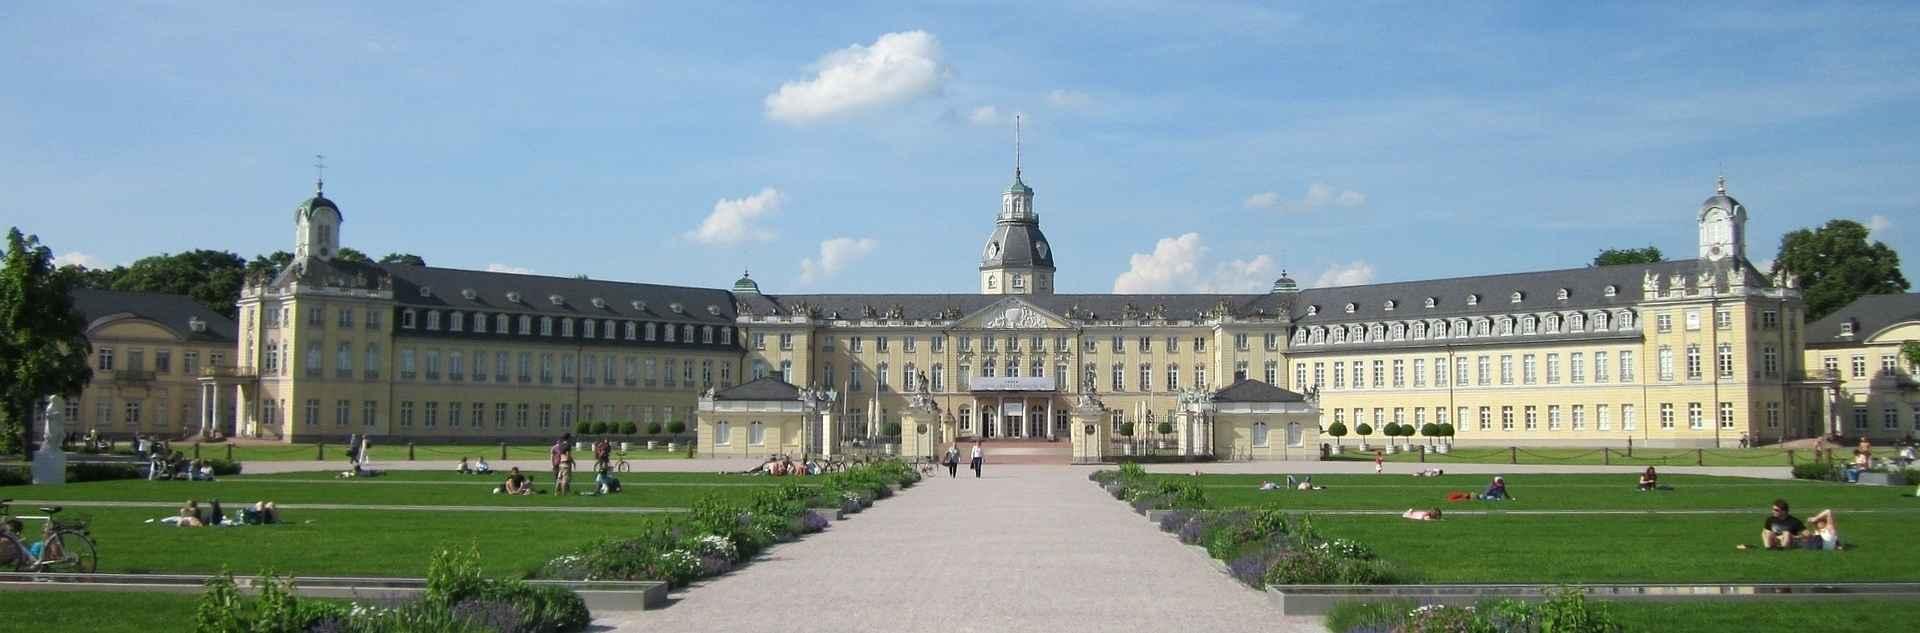 Karlsruher Schloss und Parkanlage